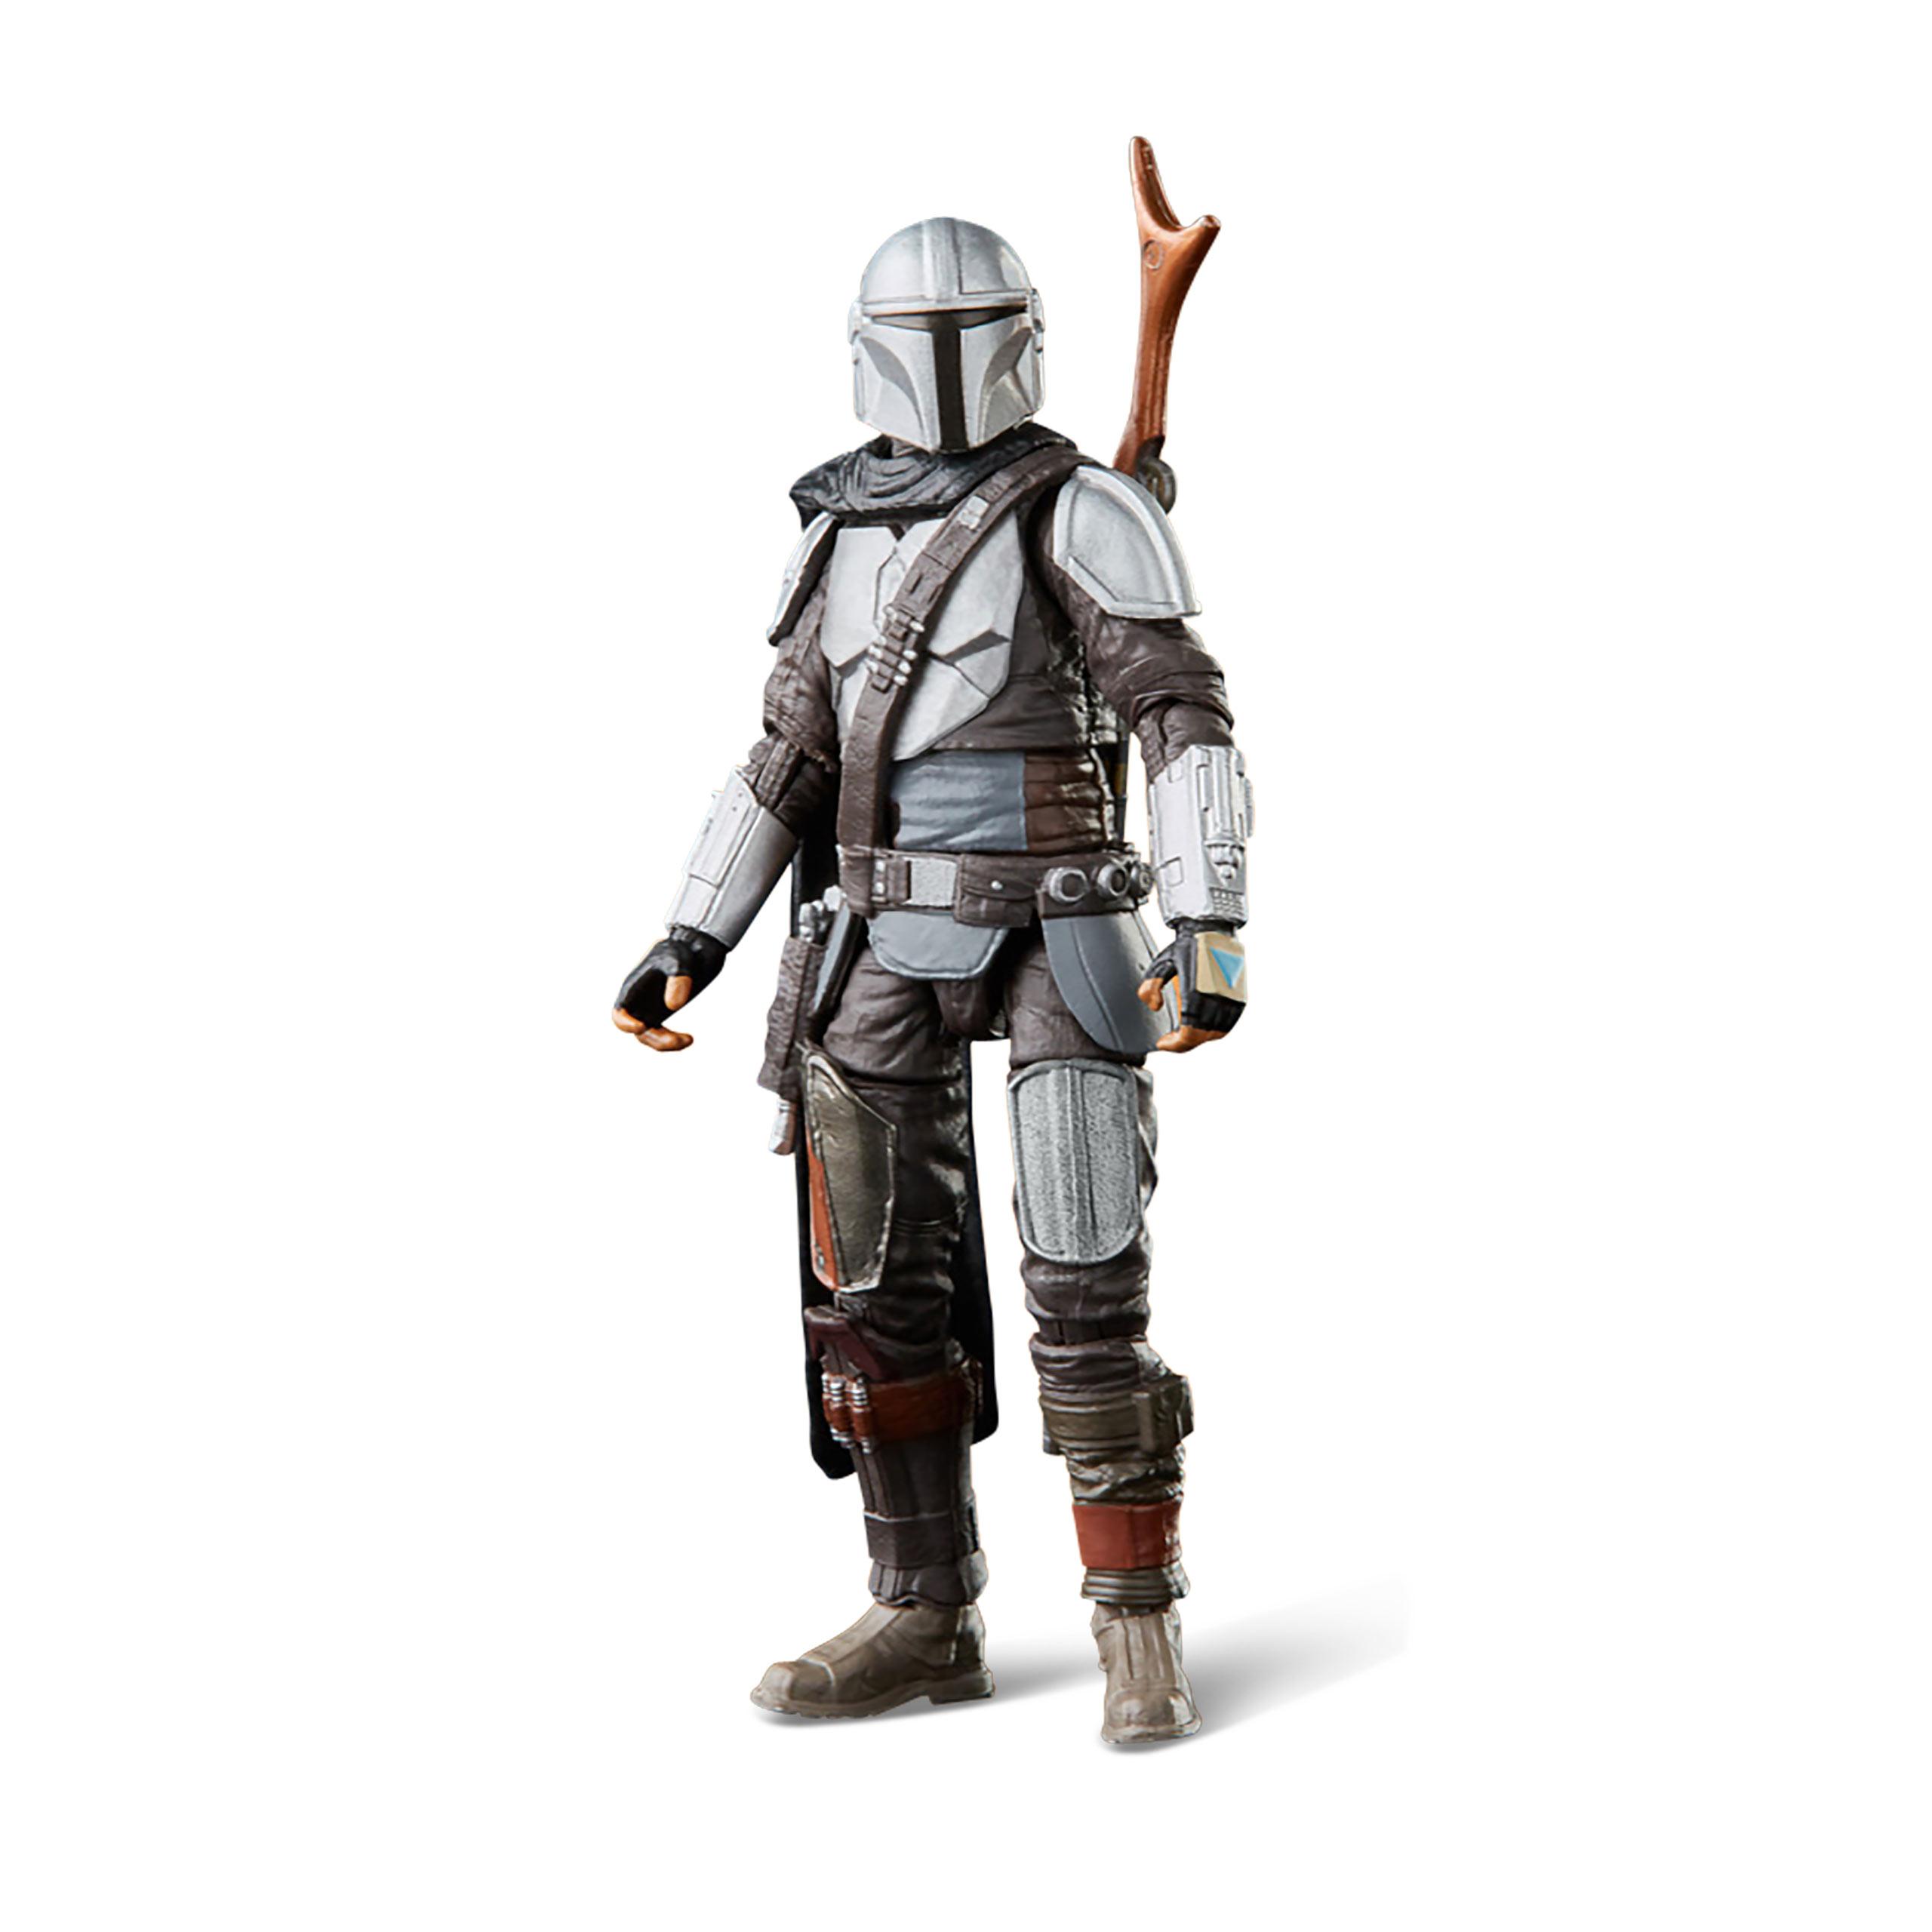 Mandalorianer Actionfigur 10 cm - Star Wars